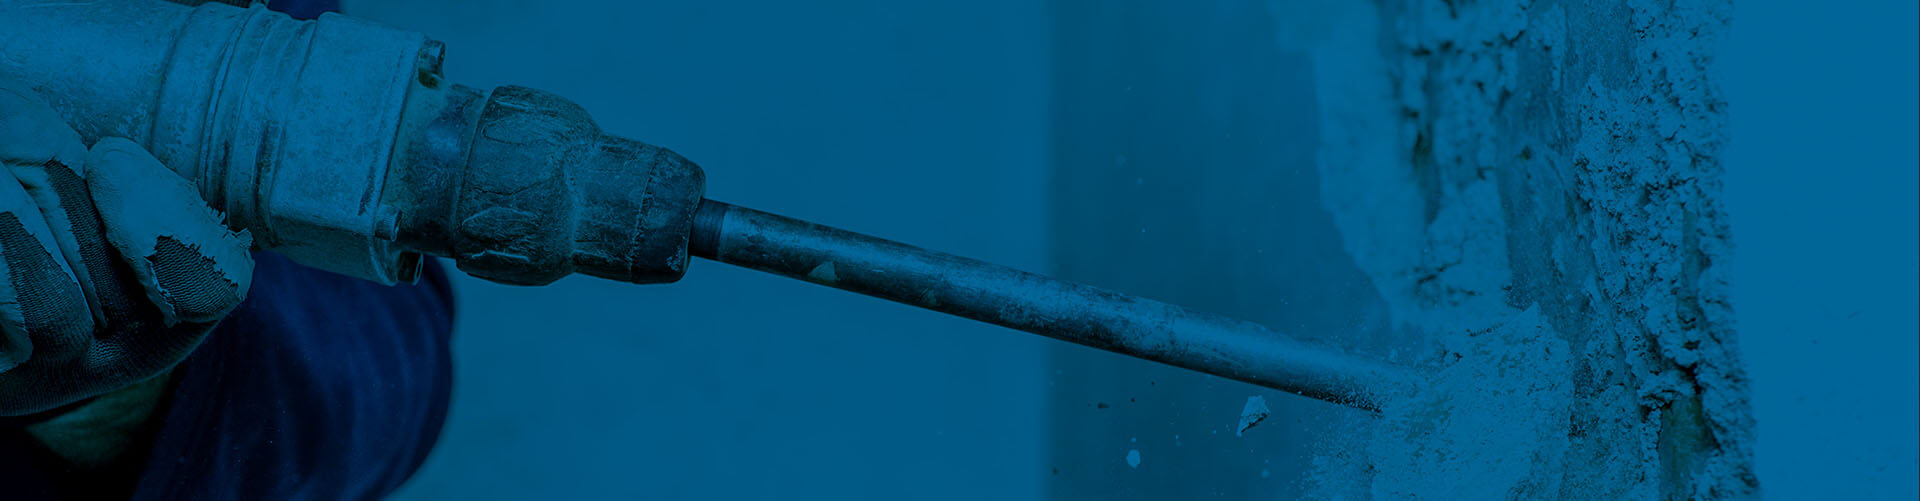 Vaativat purkutyöt: betonirakenteiden ja teräsrakenteiden purku